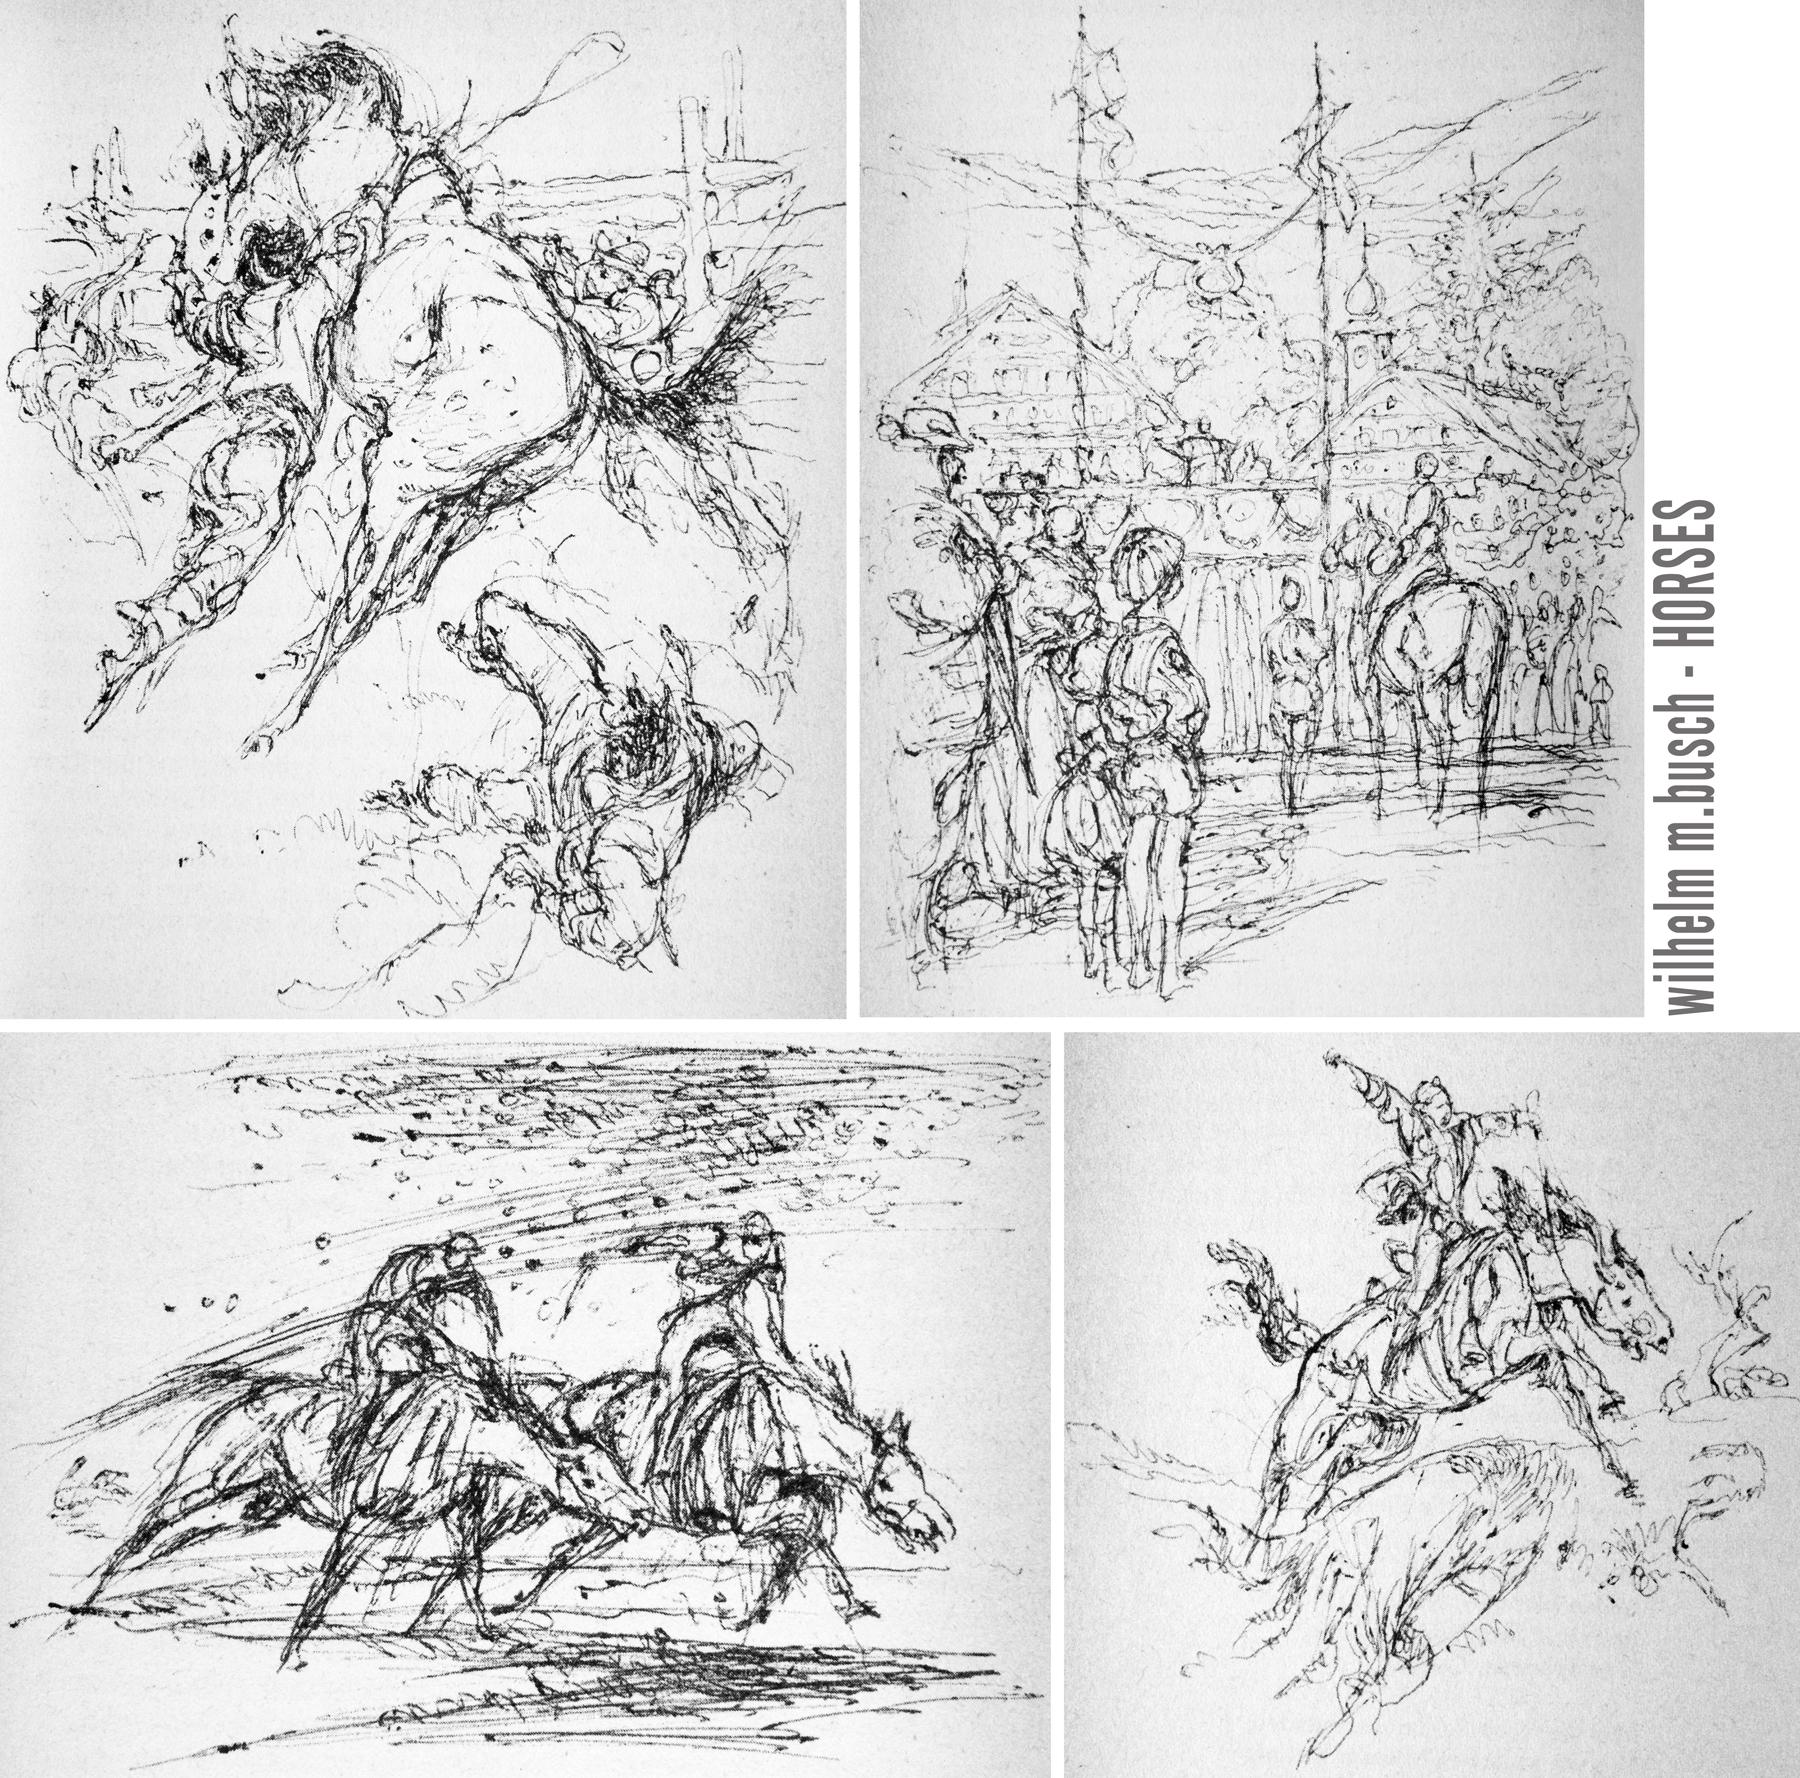 [bank] Les artistes que vous adorez - Page 11 Busch-horses-5